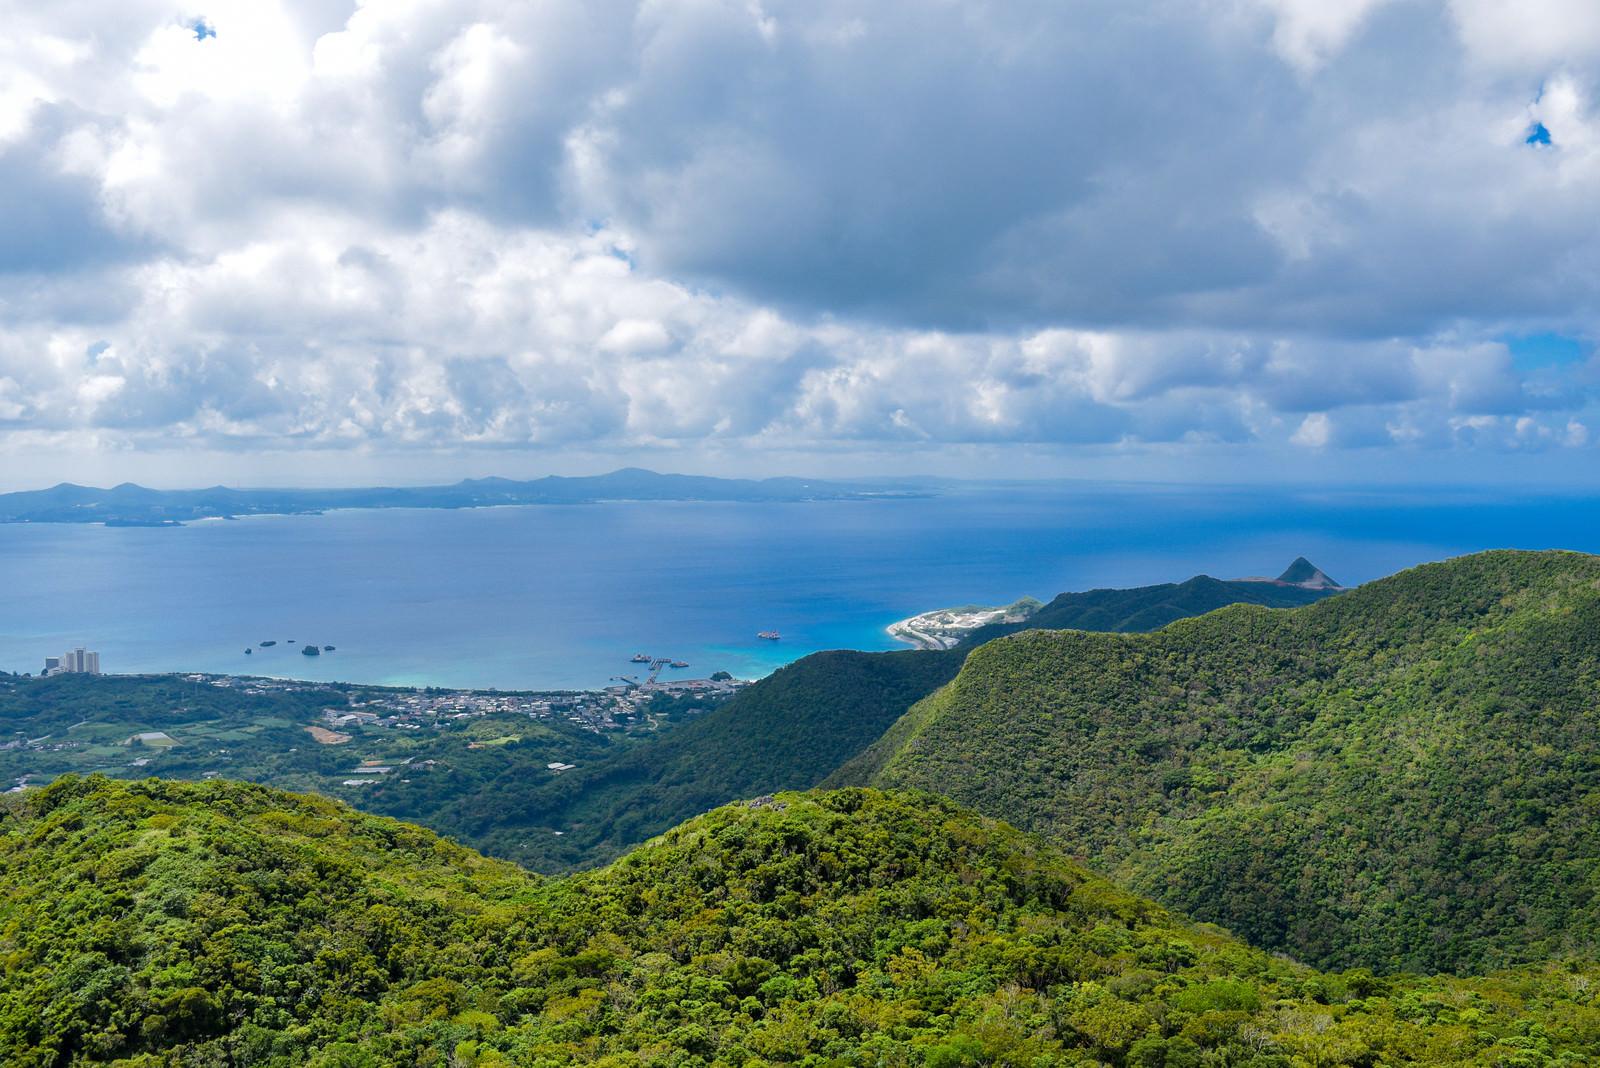 「嘉津宇岳からみる名護の青い海(沖縄県)」の写真